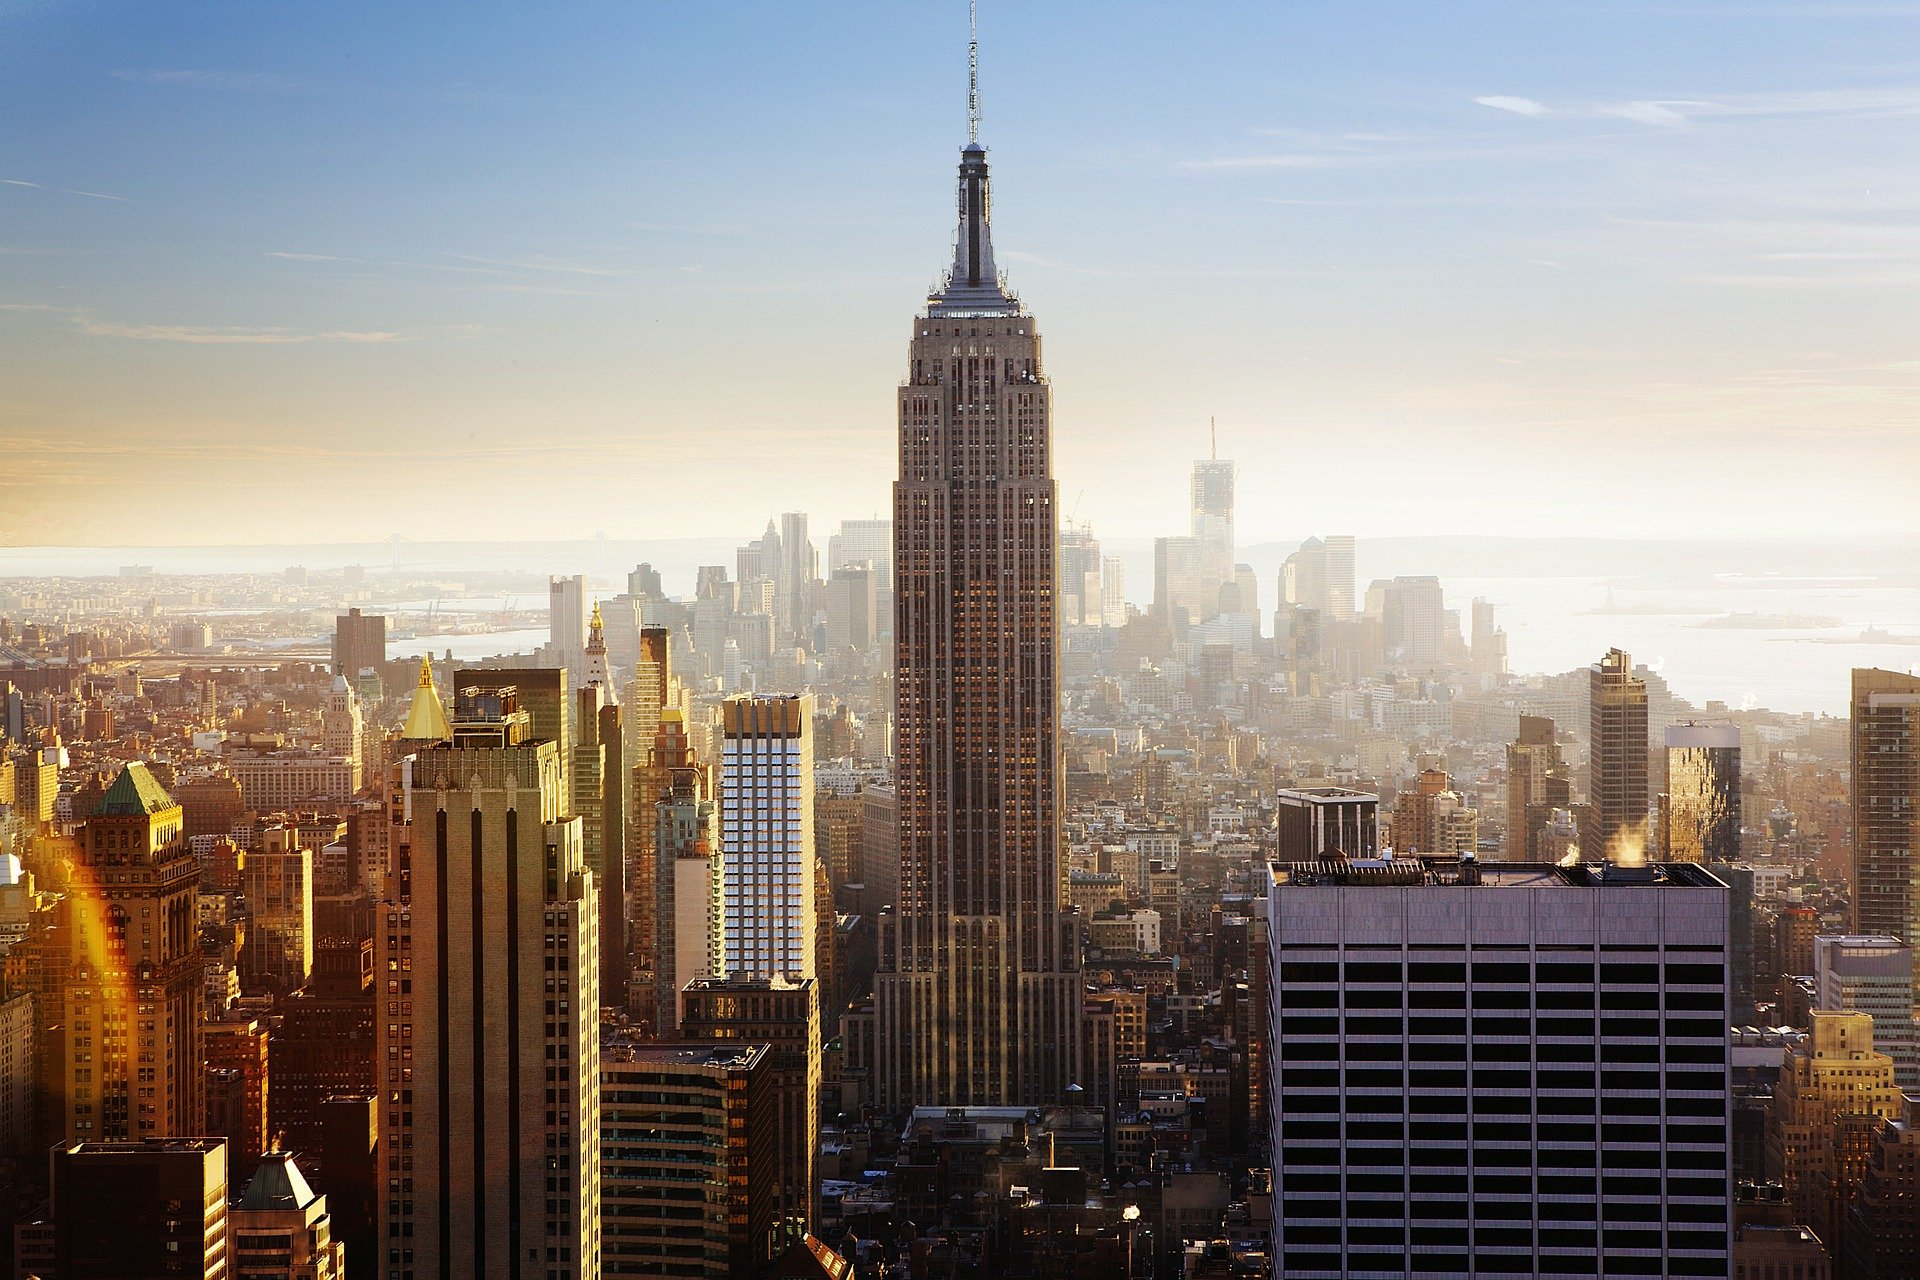 مبنى امباير ستيت في نيويورك